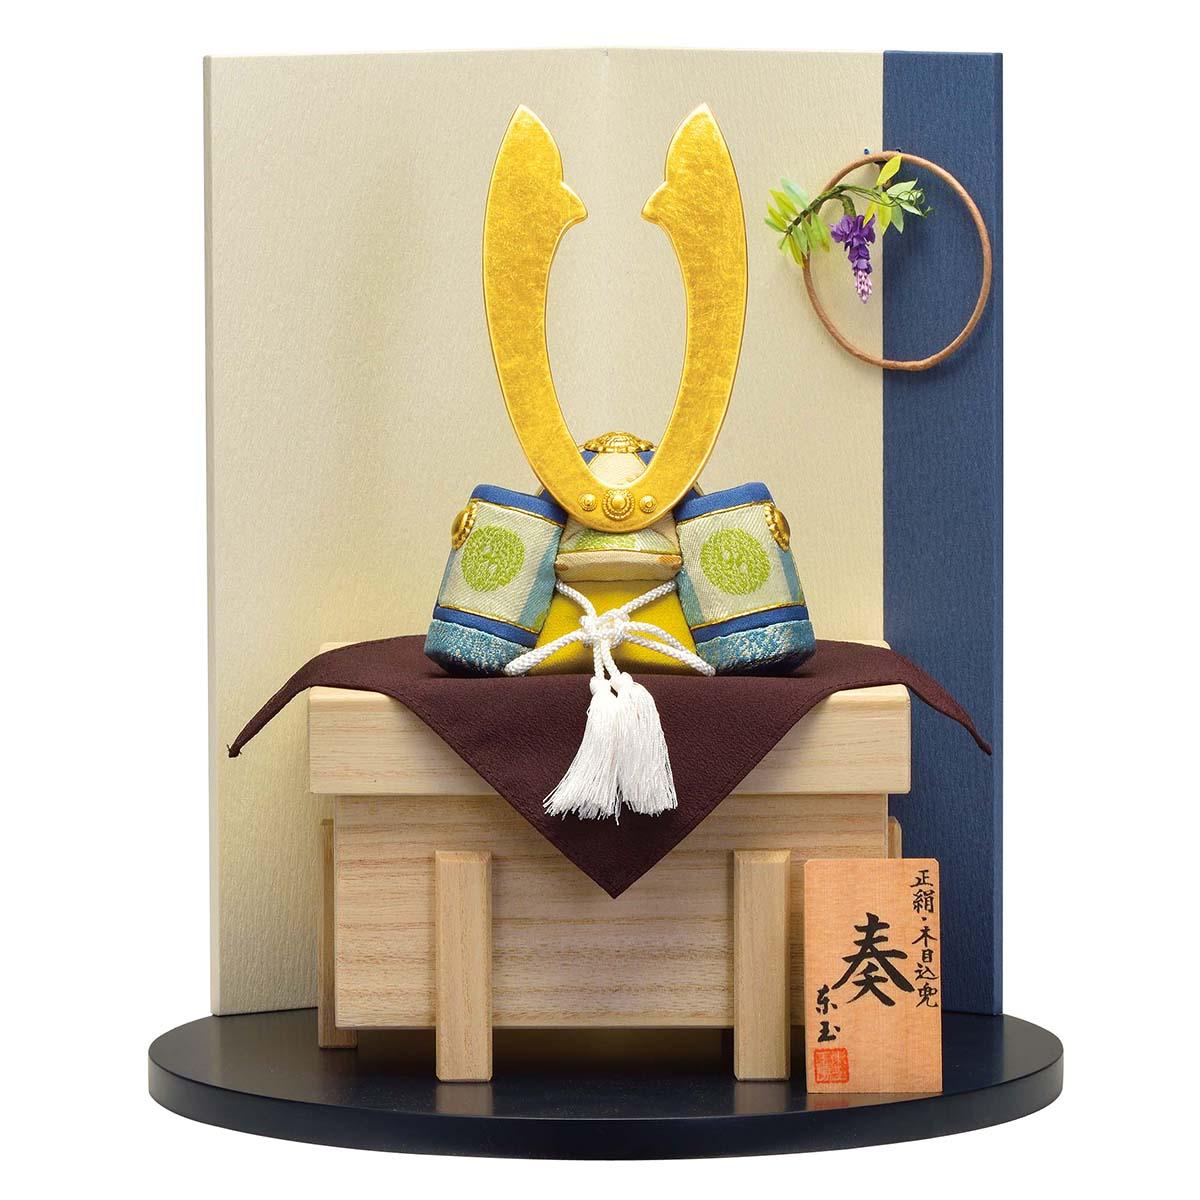 五月人形 東玉 木目込み飾り 奏・青音-aoto- GOTG-4コンパクト おしゃれ 木目込み飾り 5月人形 端午の節句 [P10]